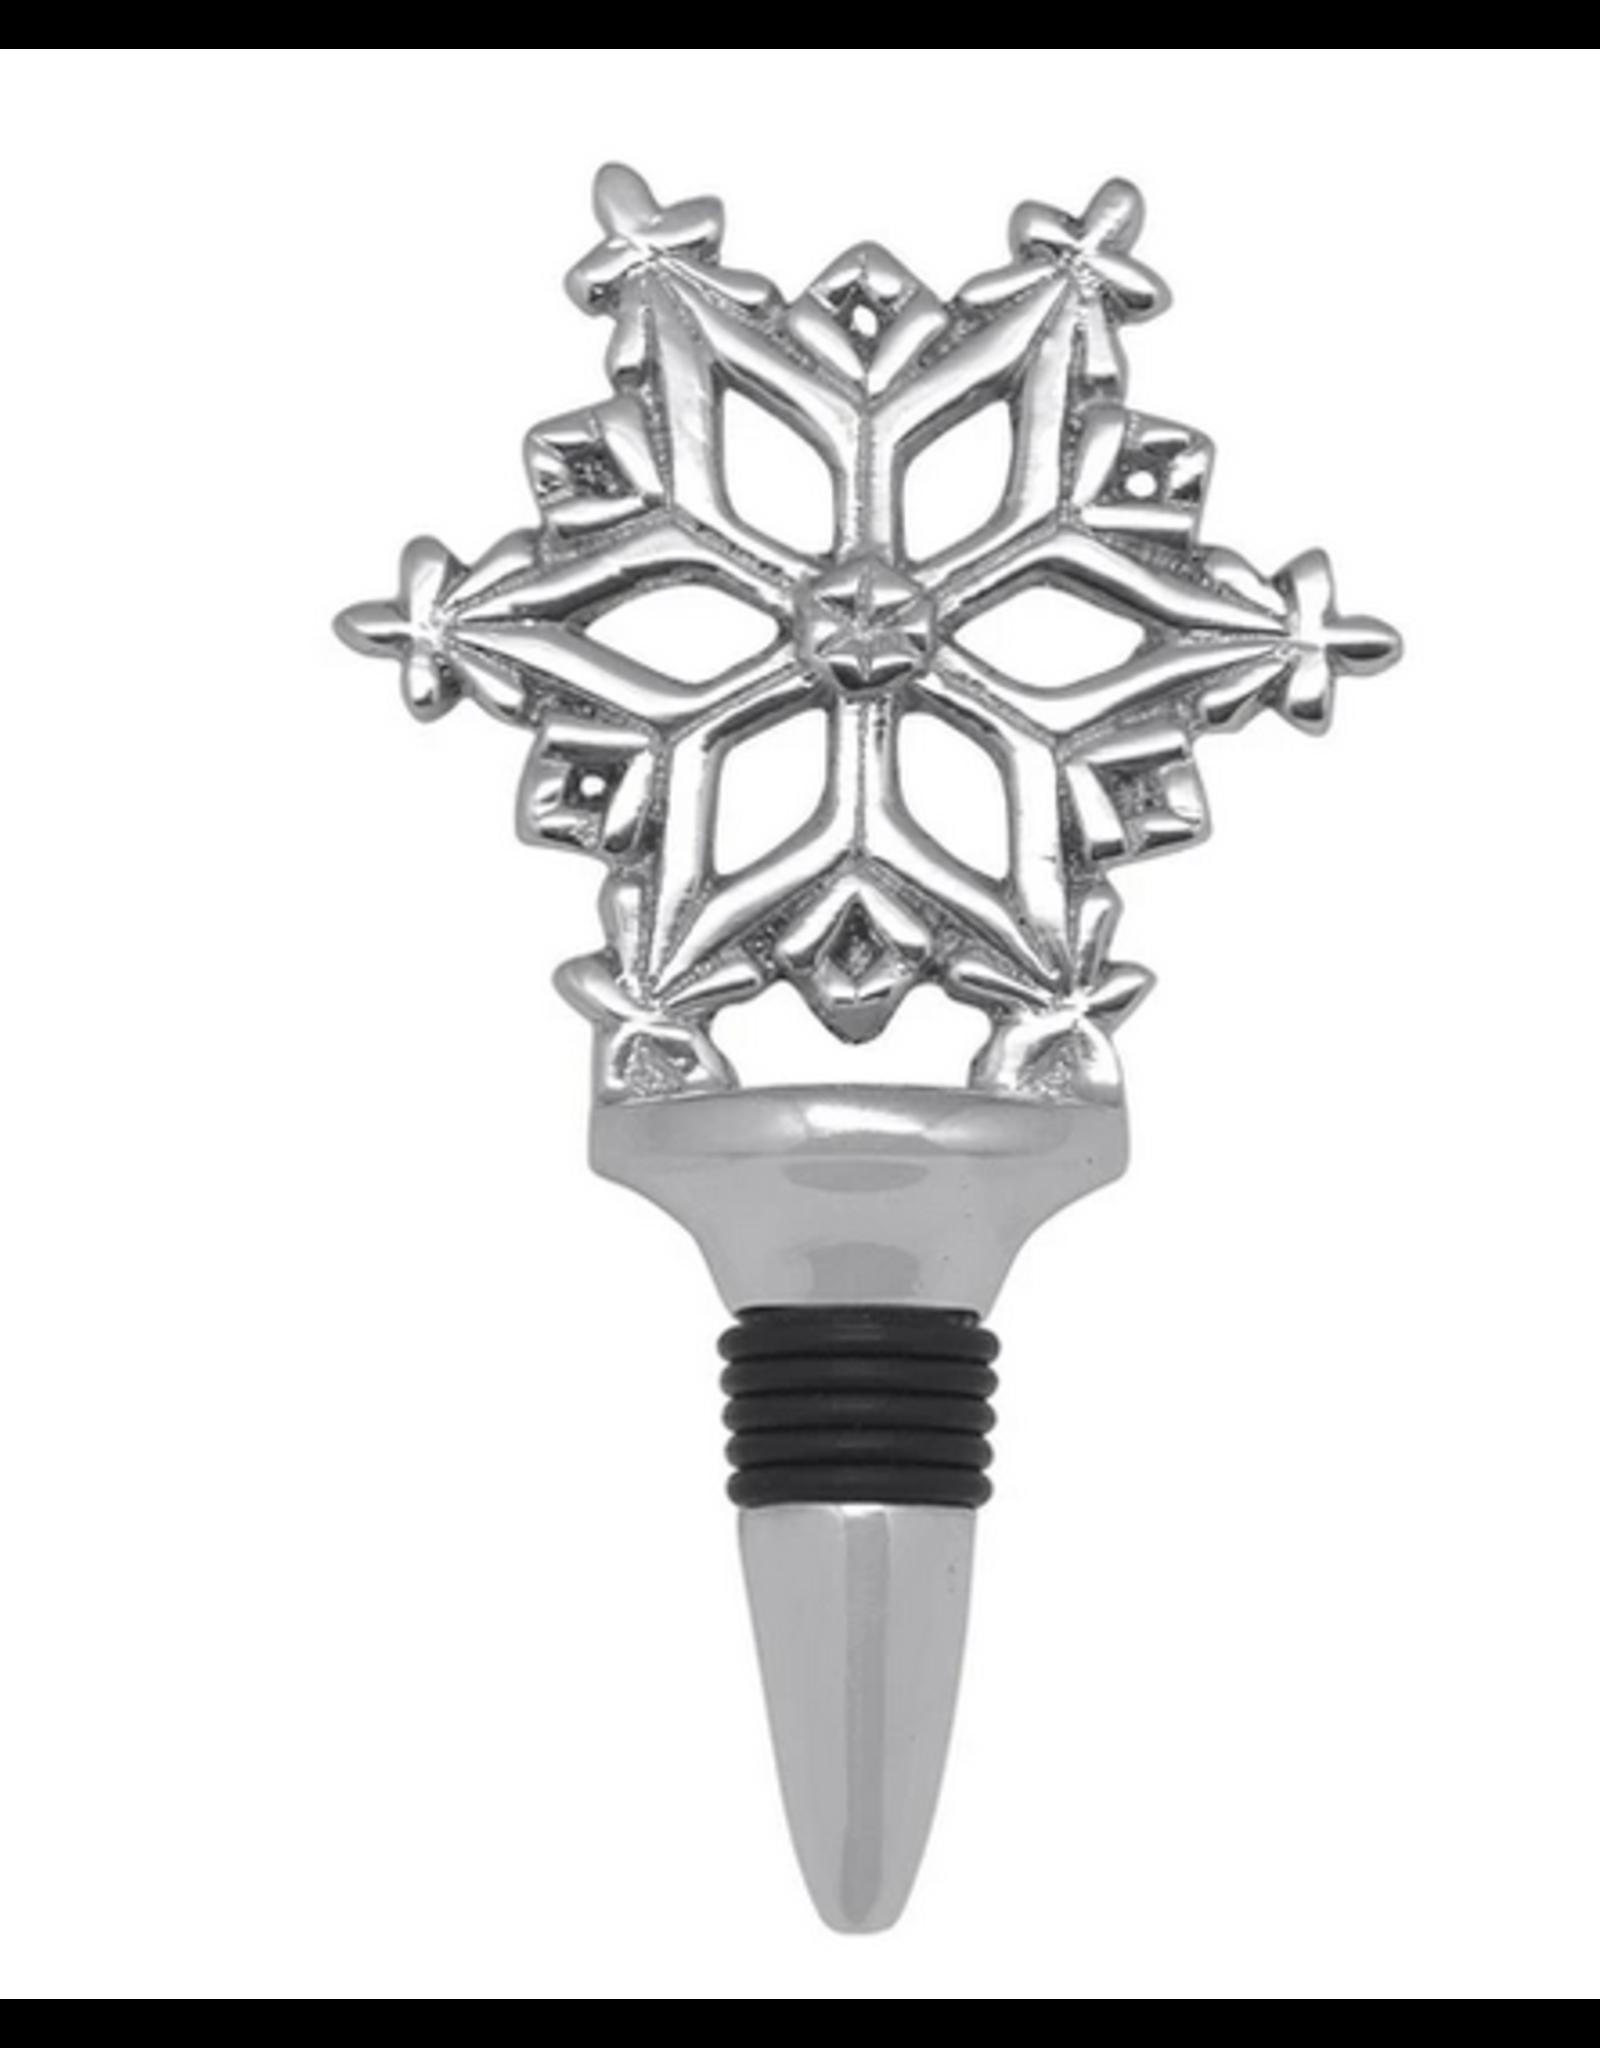 Mariposa Open Snowflake Wine Bottle Stopper